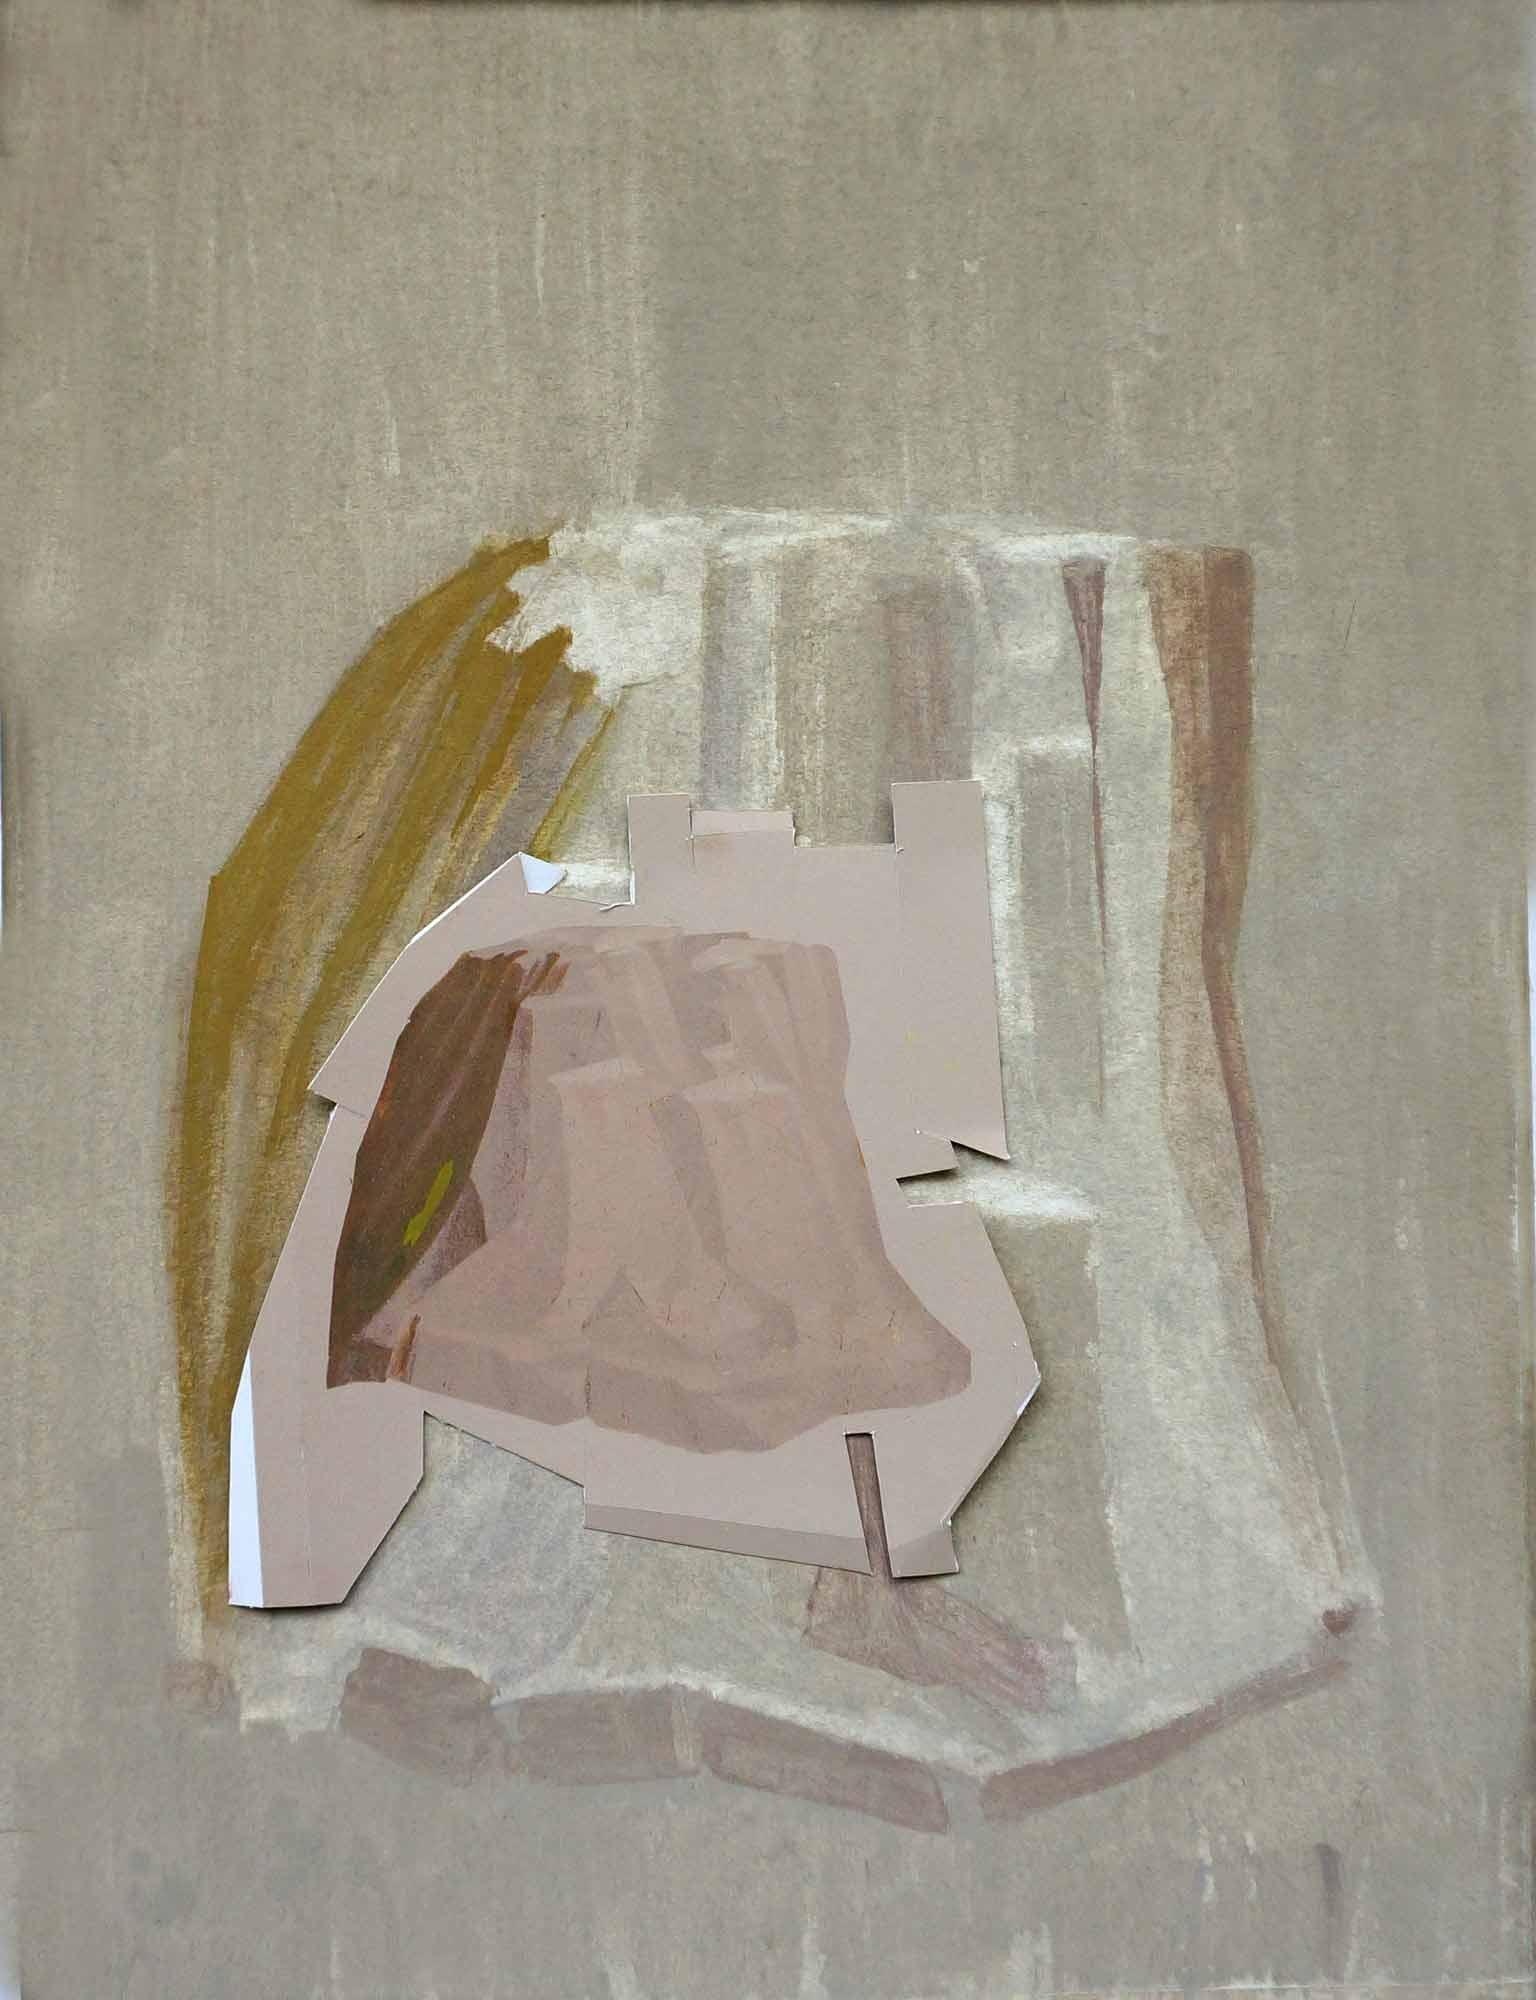 Colline sur sa colline- 2014 - Encre. 40 x 21 cm. Denis Falgoux